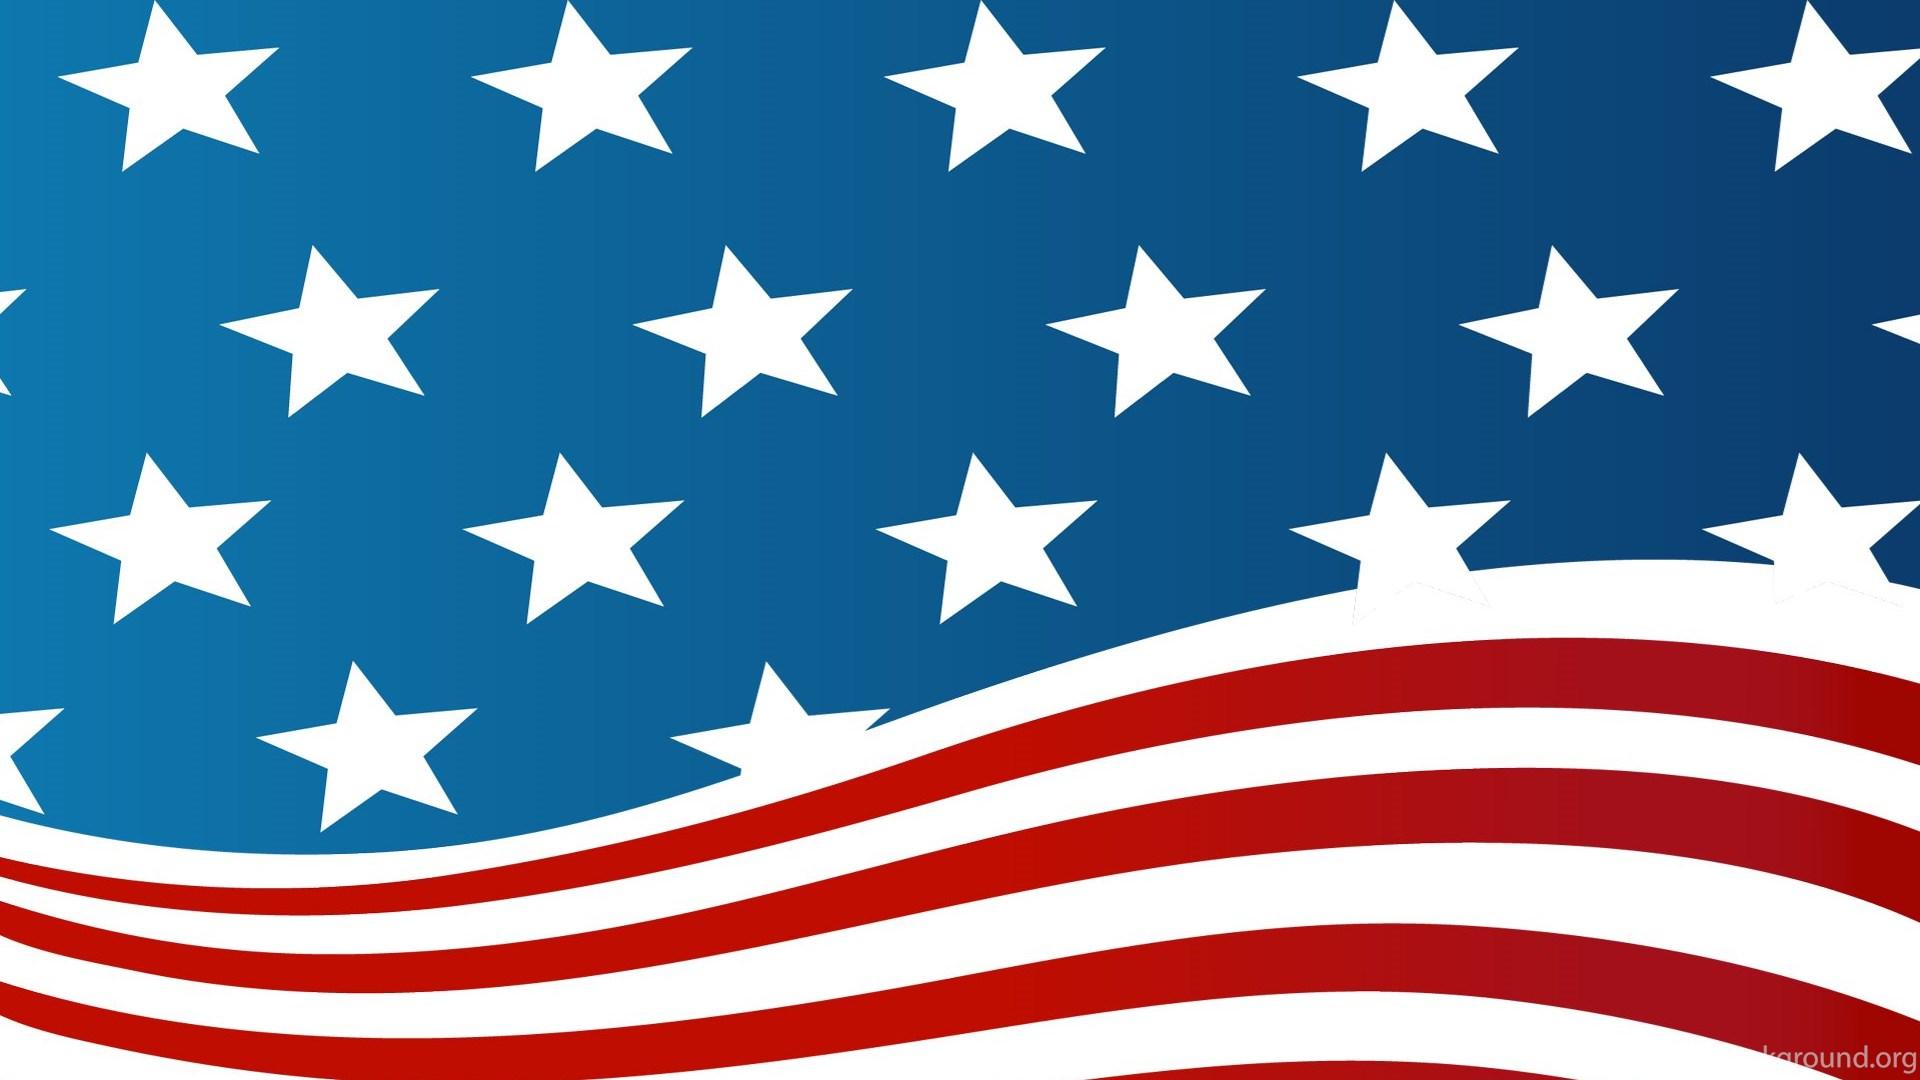 Desktop Bald Eagle And American Flag Pictures Dowload Desktop